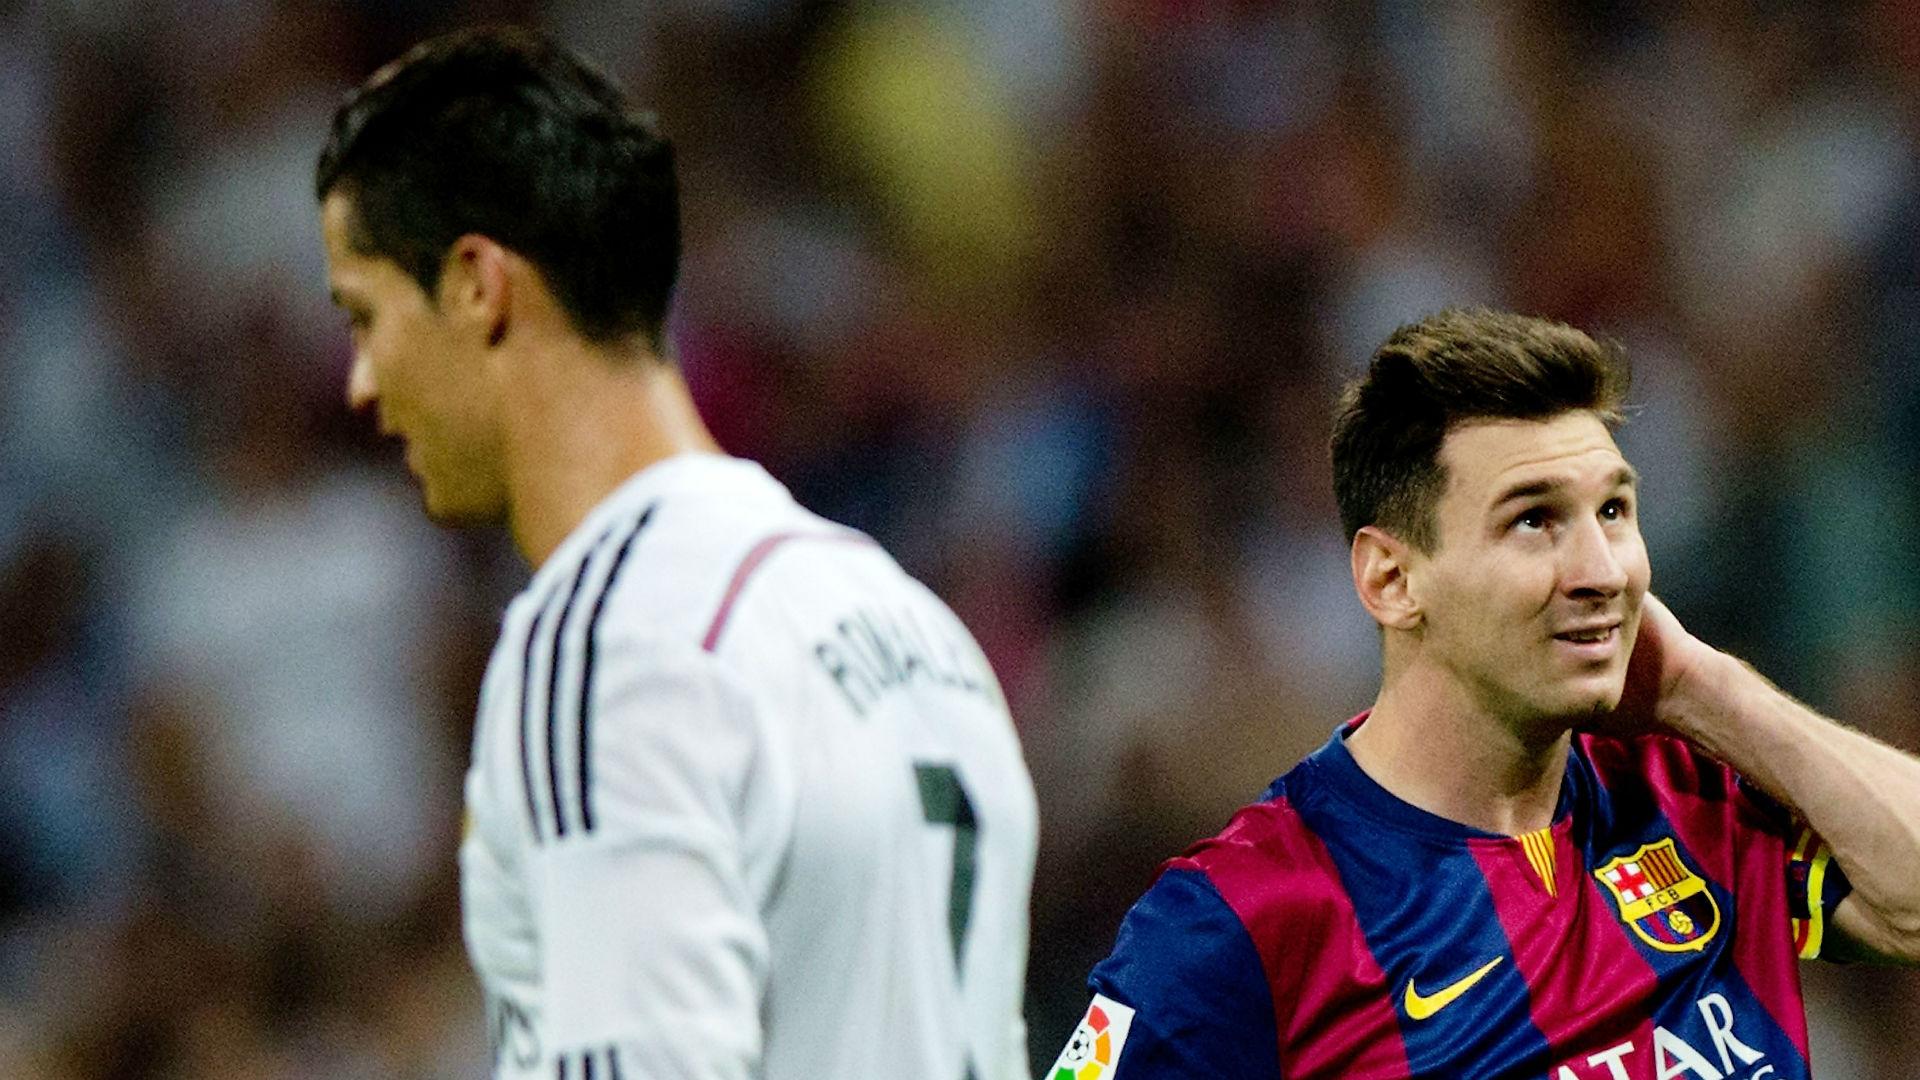 Cristiano anotó un golazo, fue expulsado y empujó al árbitro